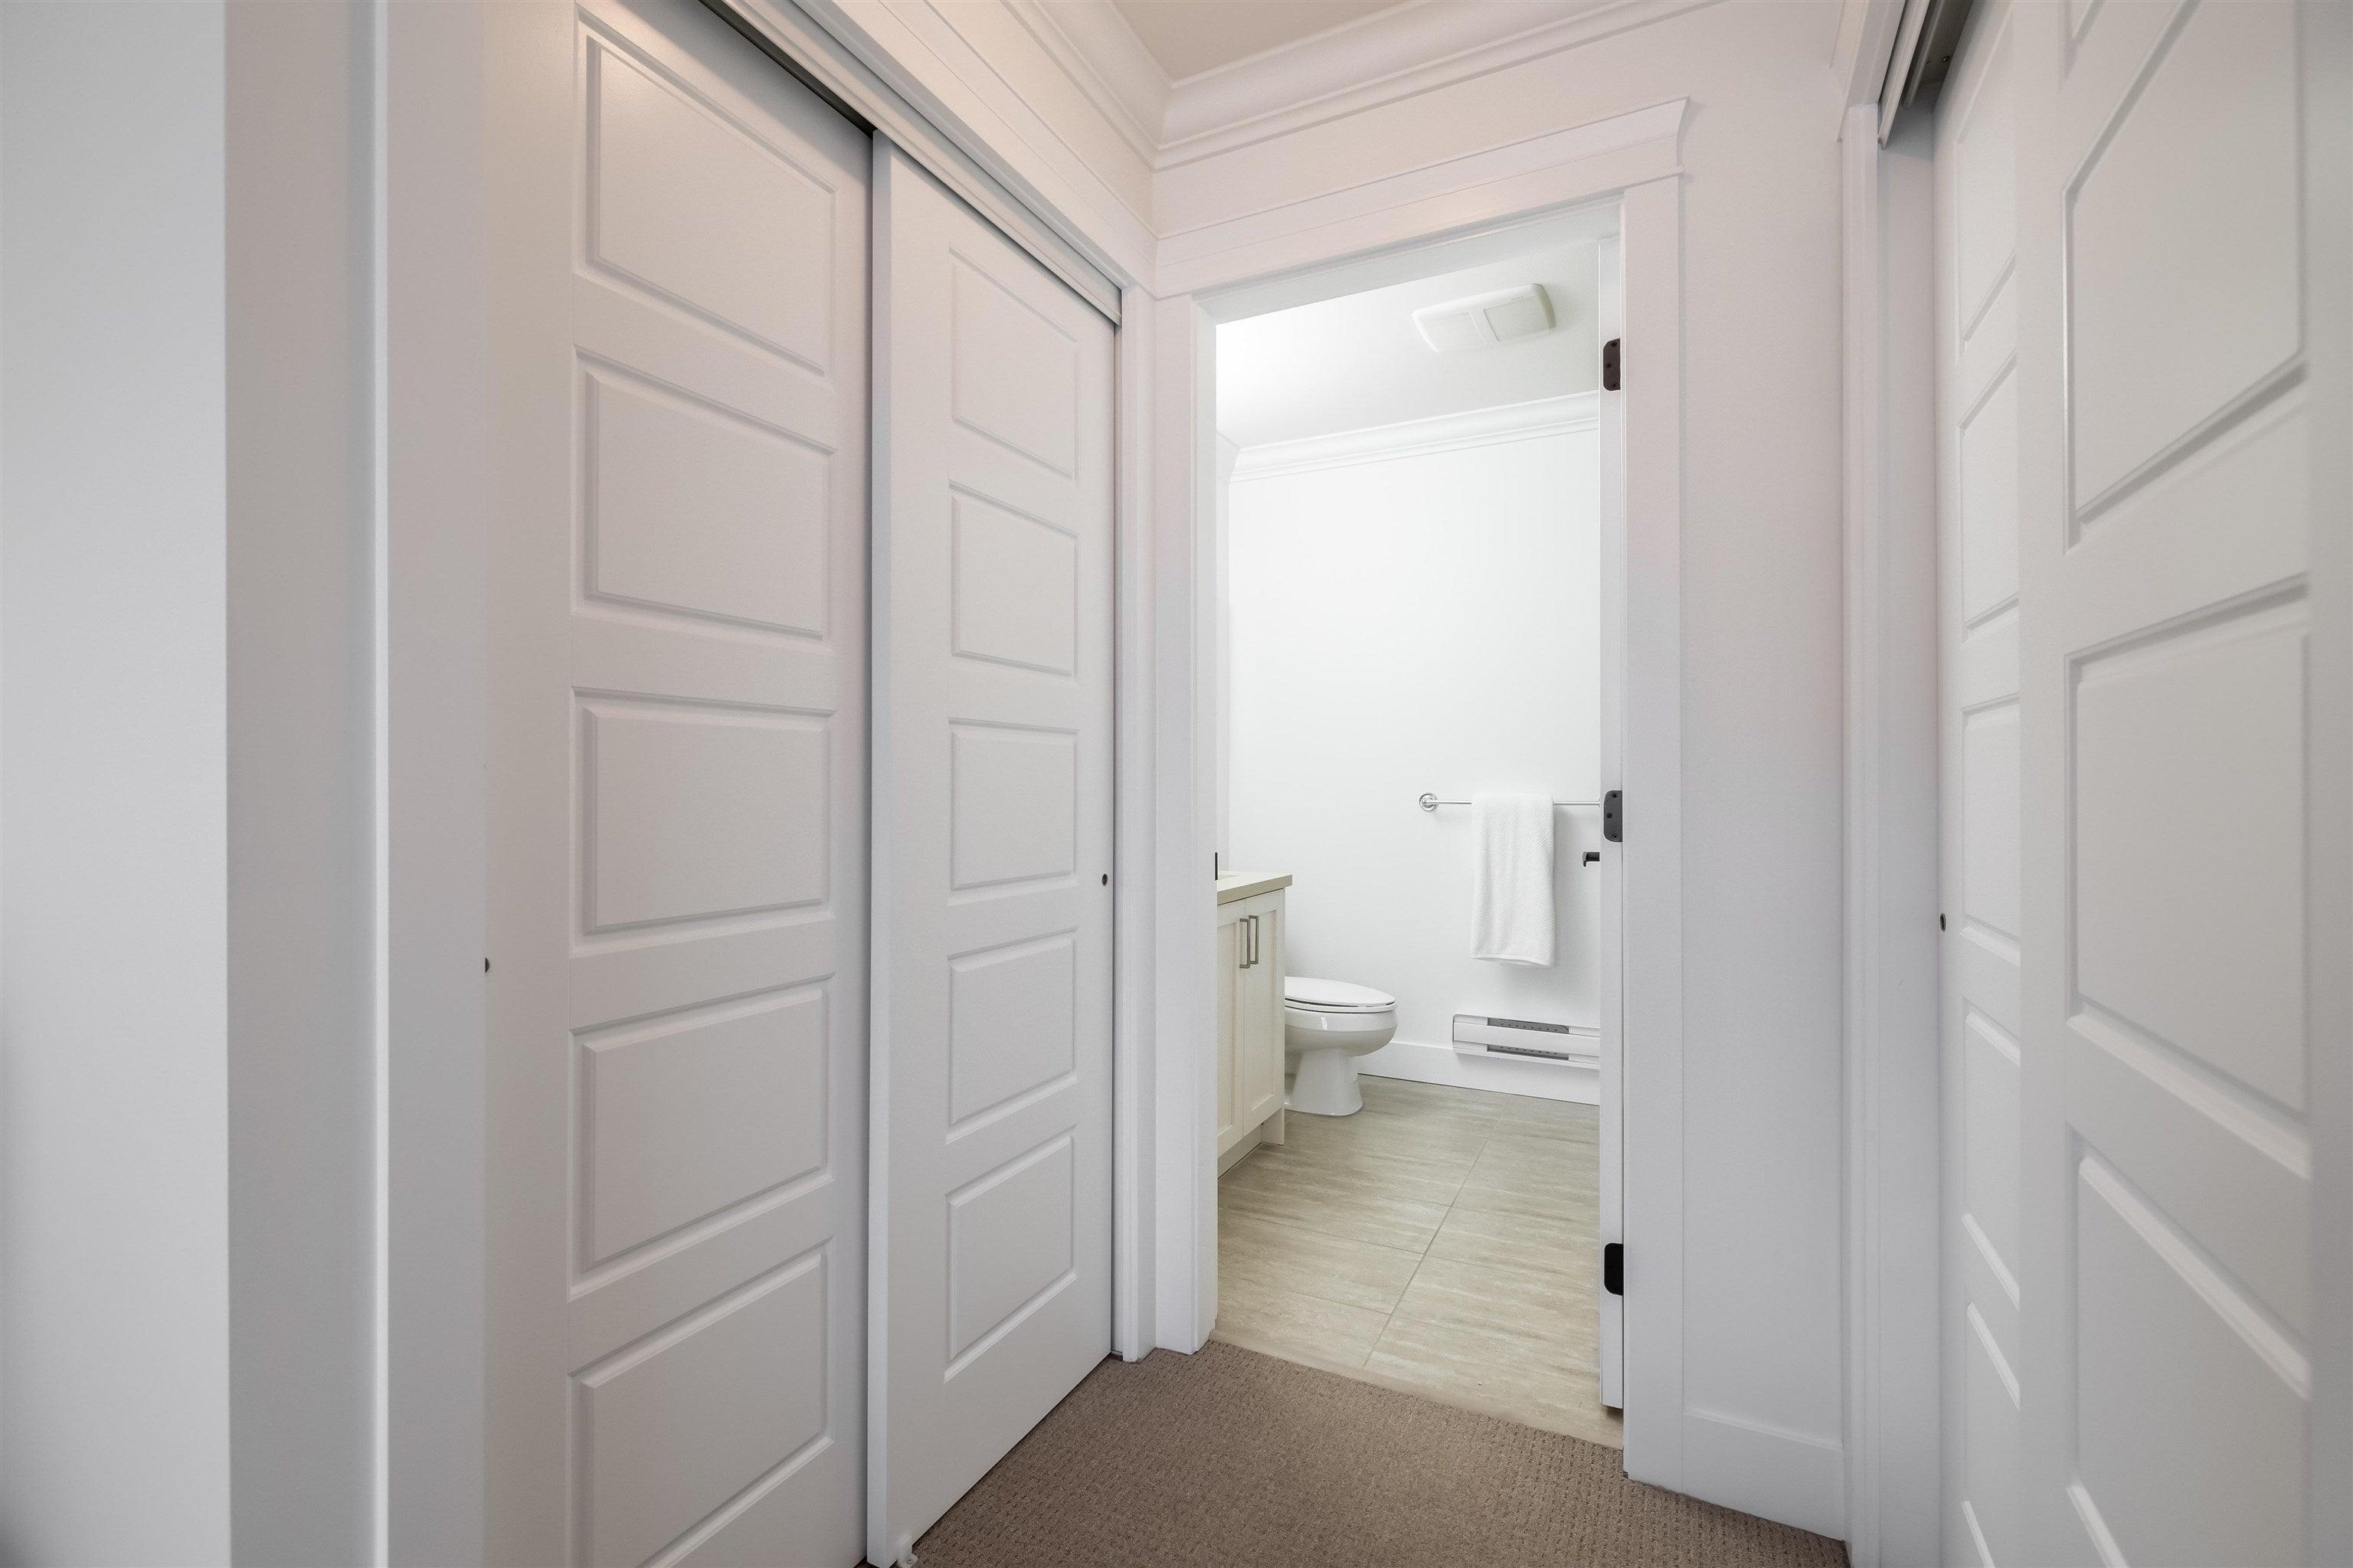 29 17171 2B AVENUE - Pacific Douglas Townhouse for sale, 3 Bedrooms (R2625037) - #26